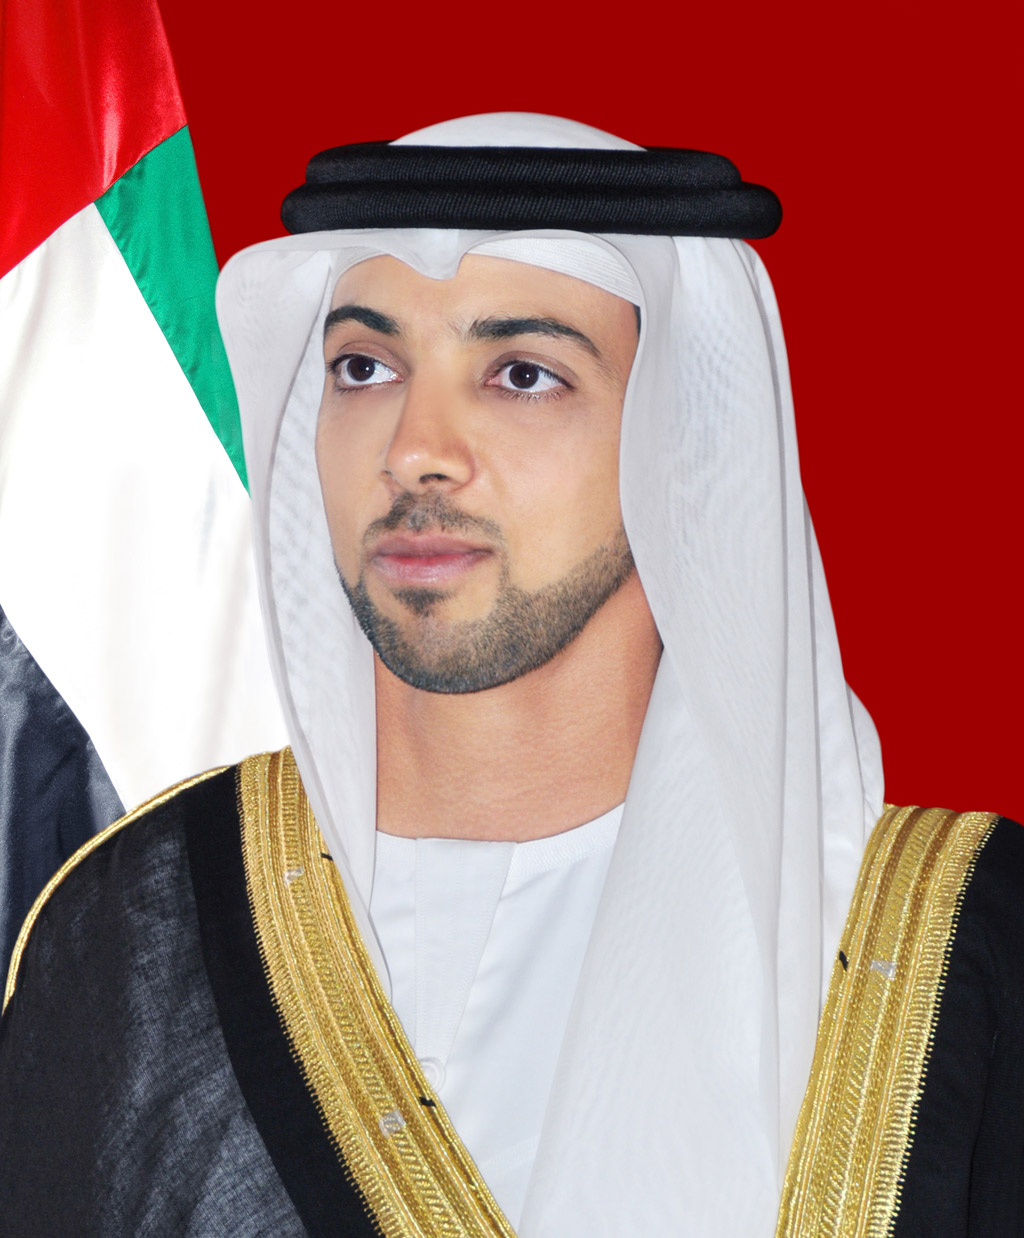 منصور بن زايد يتسلم جائزة اللجنة التنظيمية المتميزة